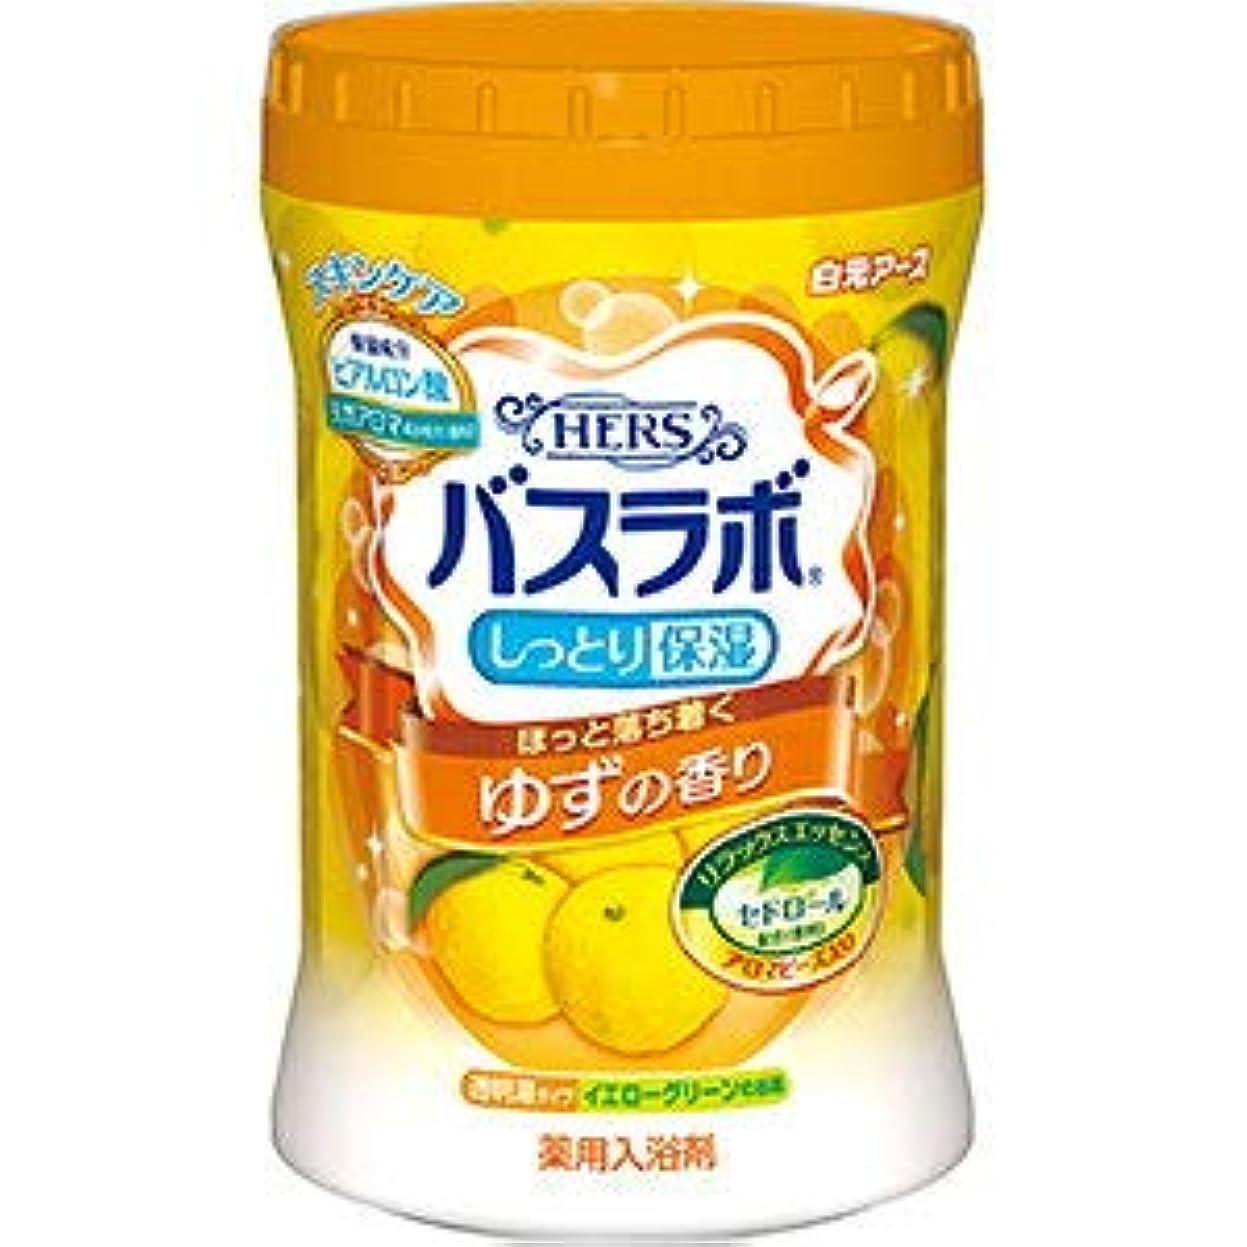 胆嚢水銀の報いる白元 HERSバスラボ しっとり保湿 薬用入浴剤 ゆずの香り 680g [医薬部外品] 1ケース15個